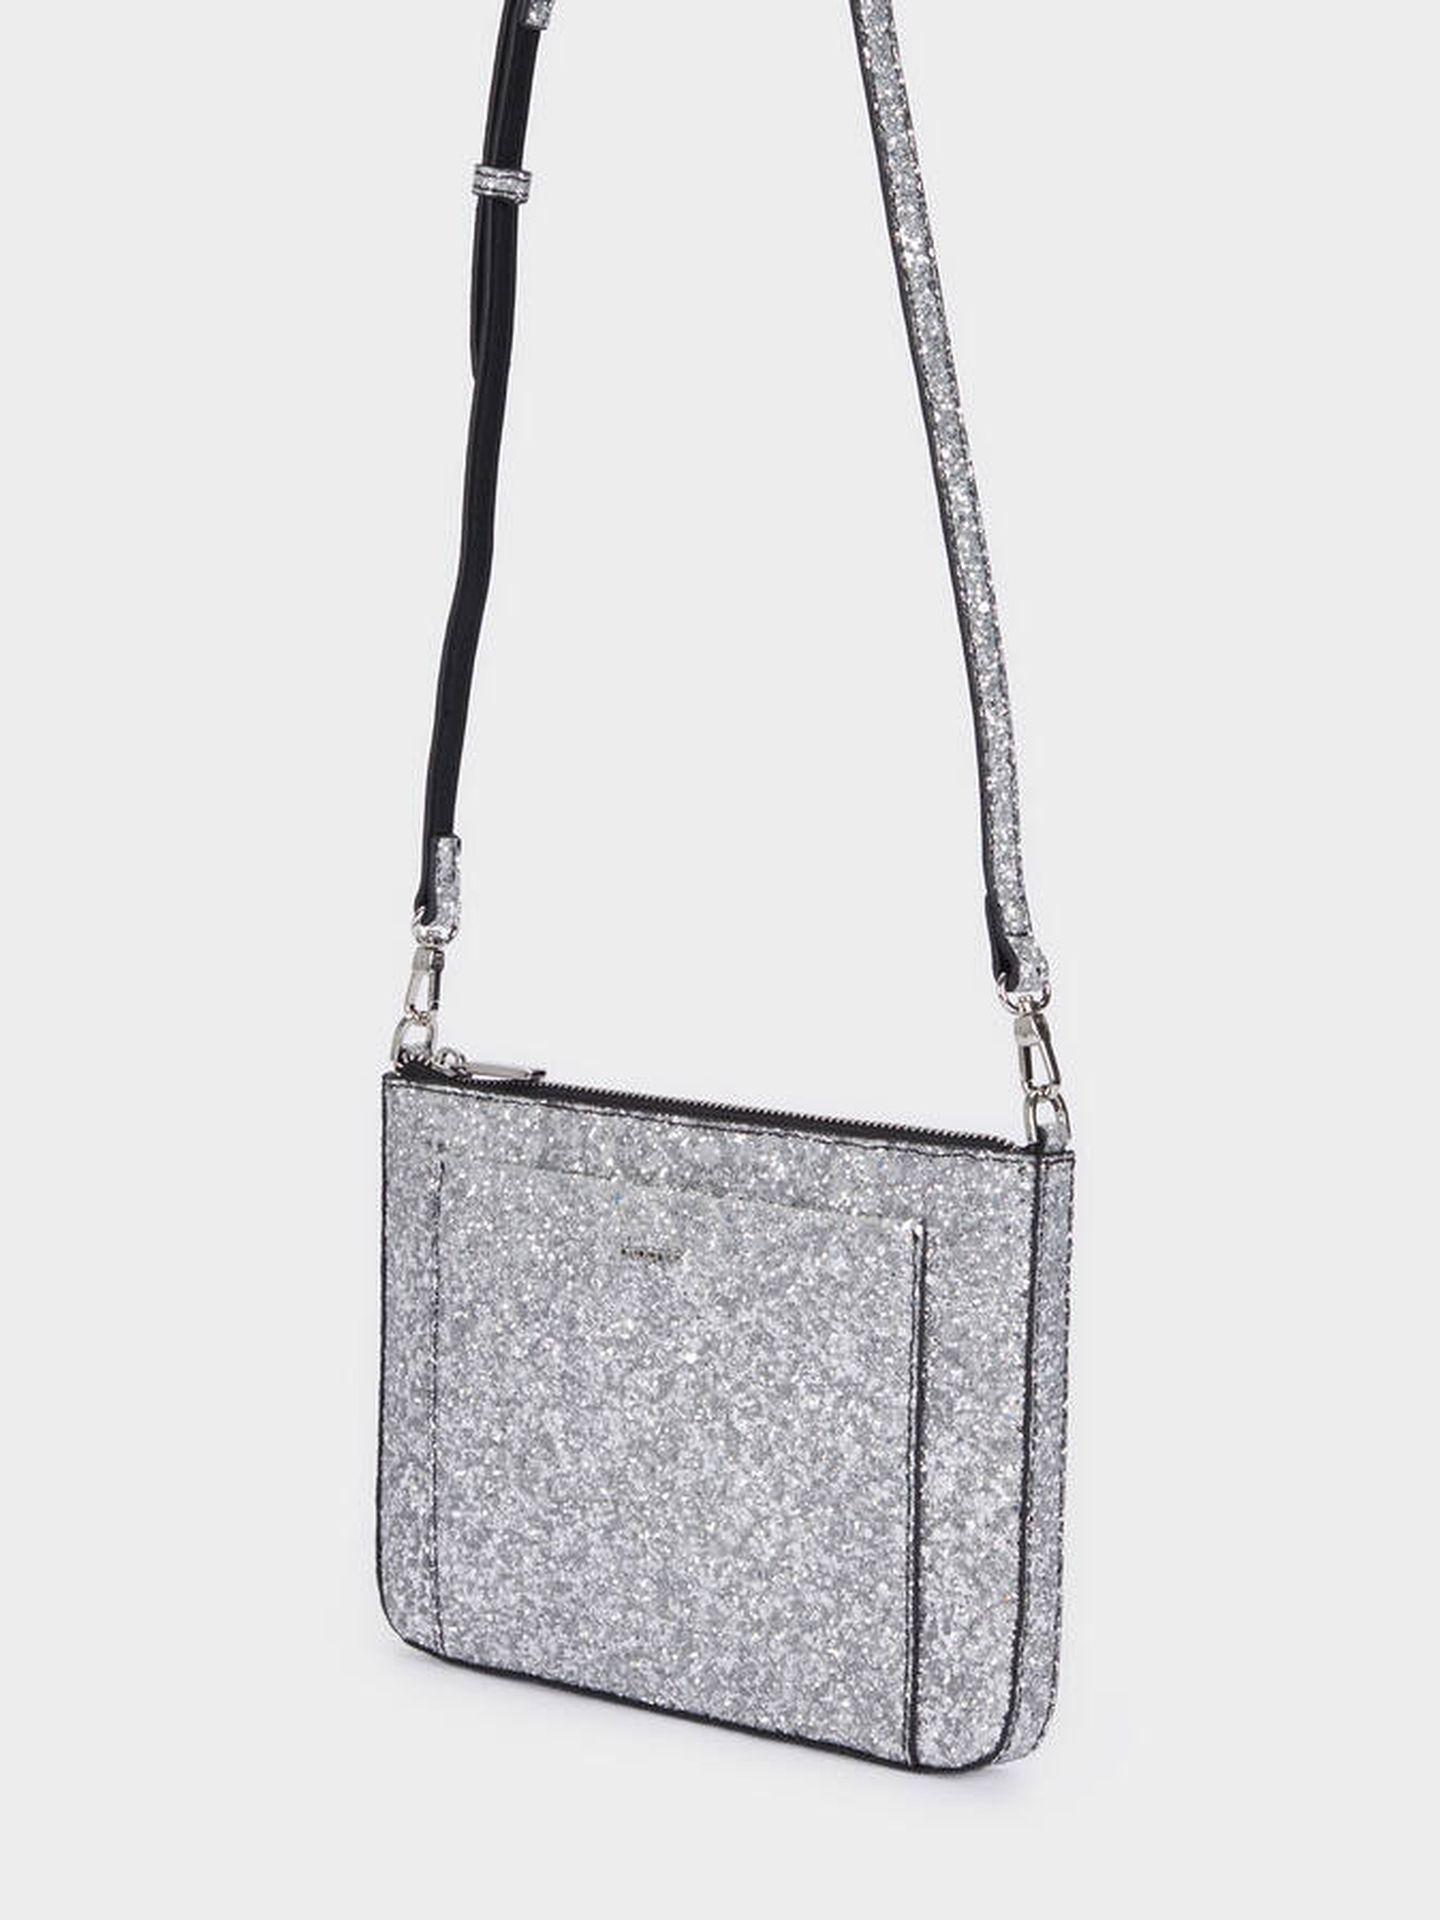 El bolso bandolera de Parfois para looks con brillo. (Cortesía)